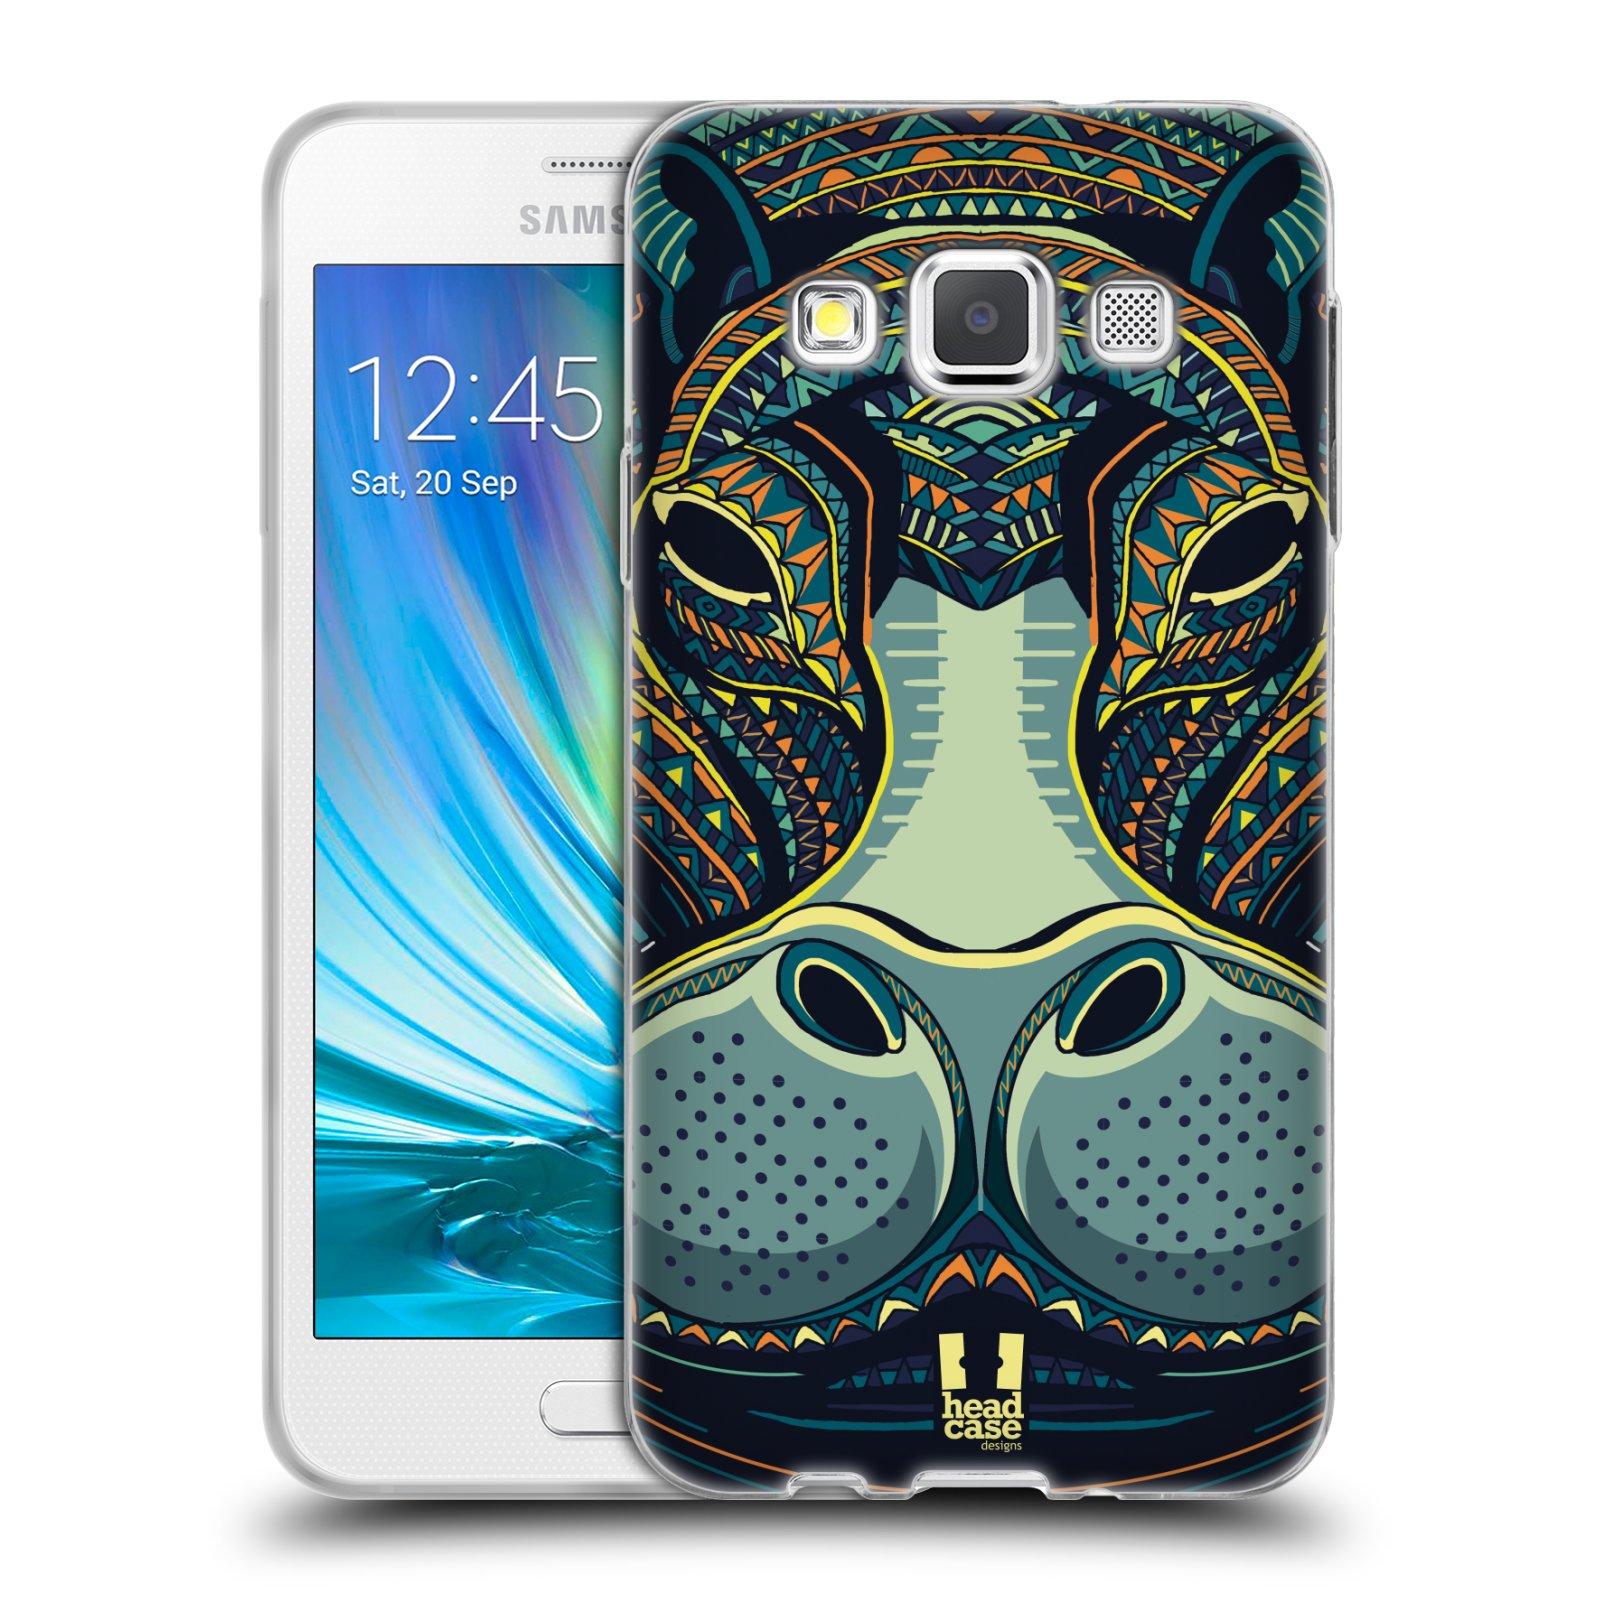 Silikonové pouzdro na mobil Samsung Galaxy A3 HEAD CASE AZTEC HROCH (Silikonový kryt či obal na mobilní telefon Samsung Galaxy A3 SM-A300)